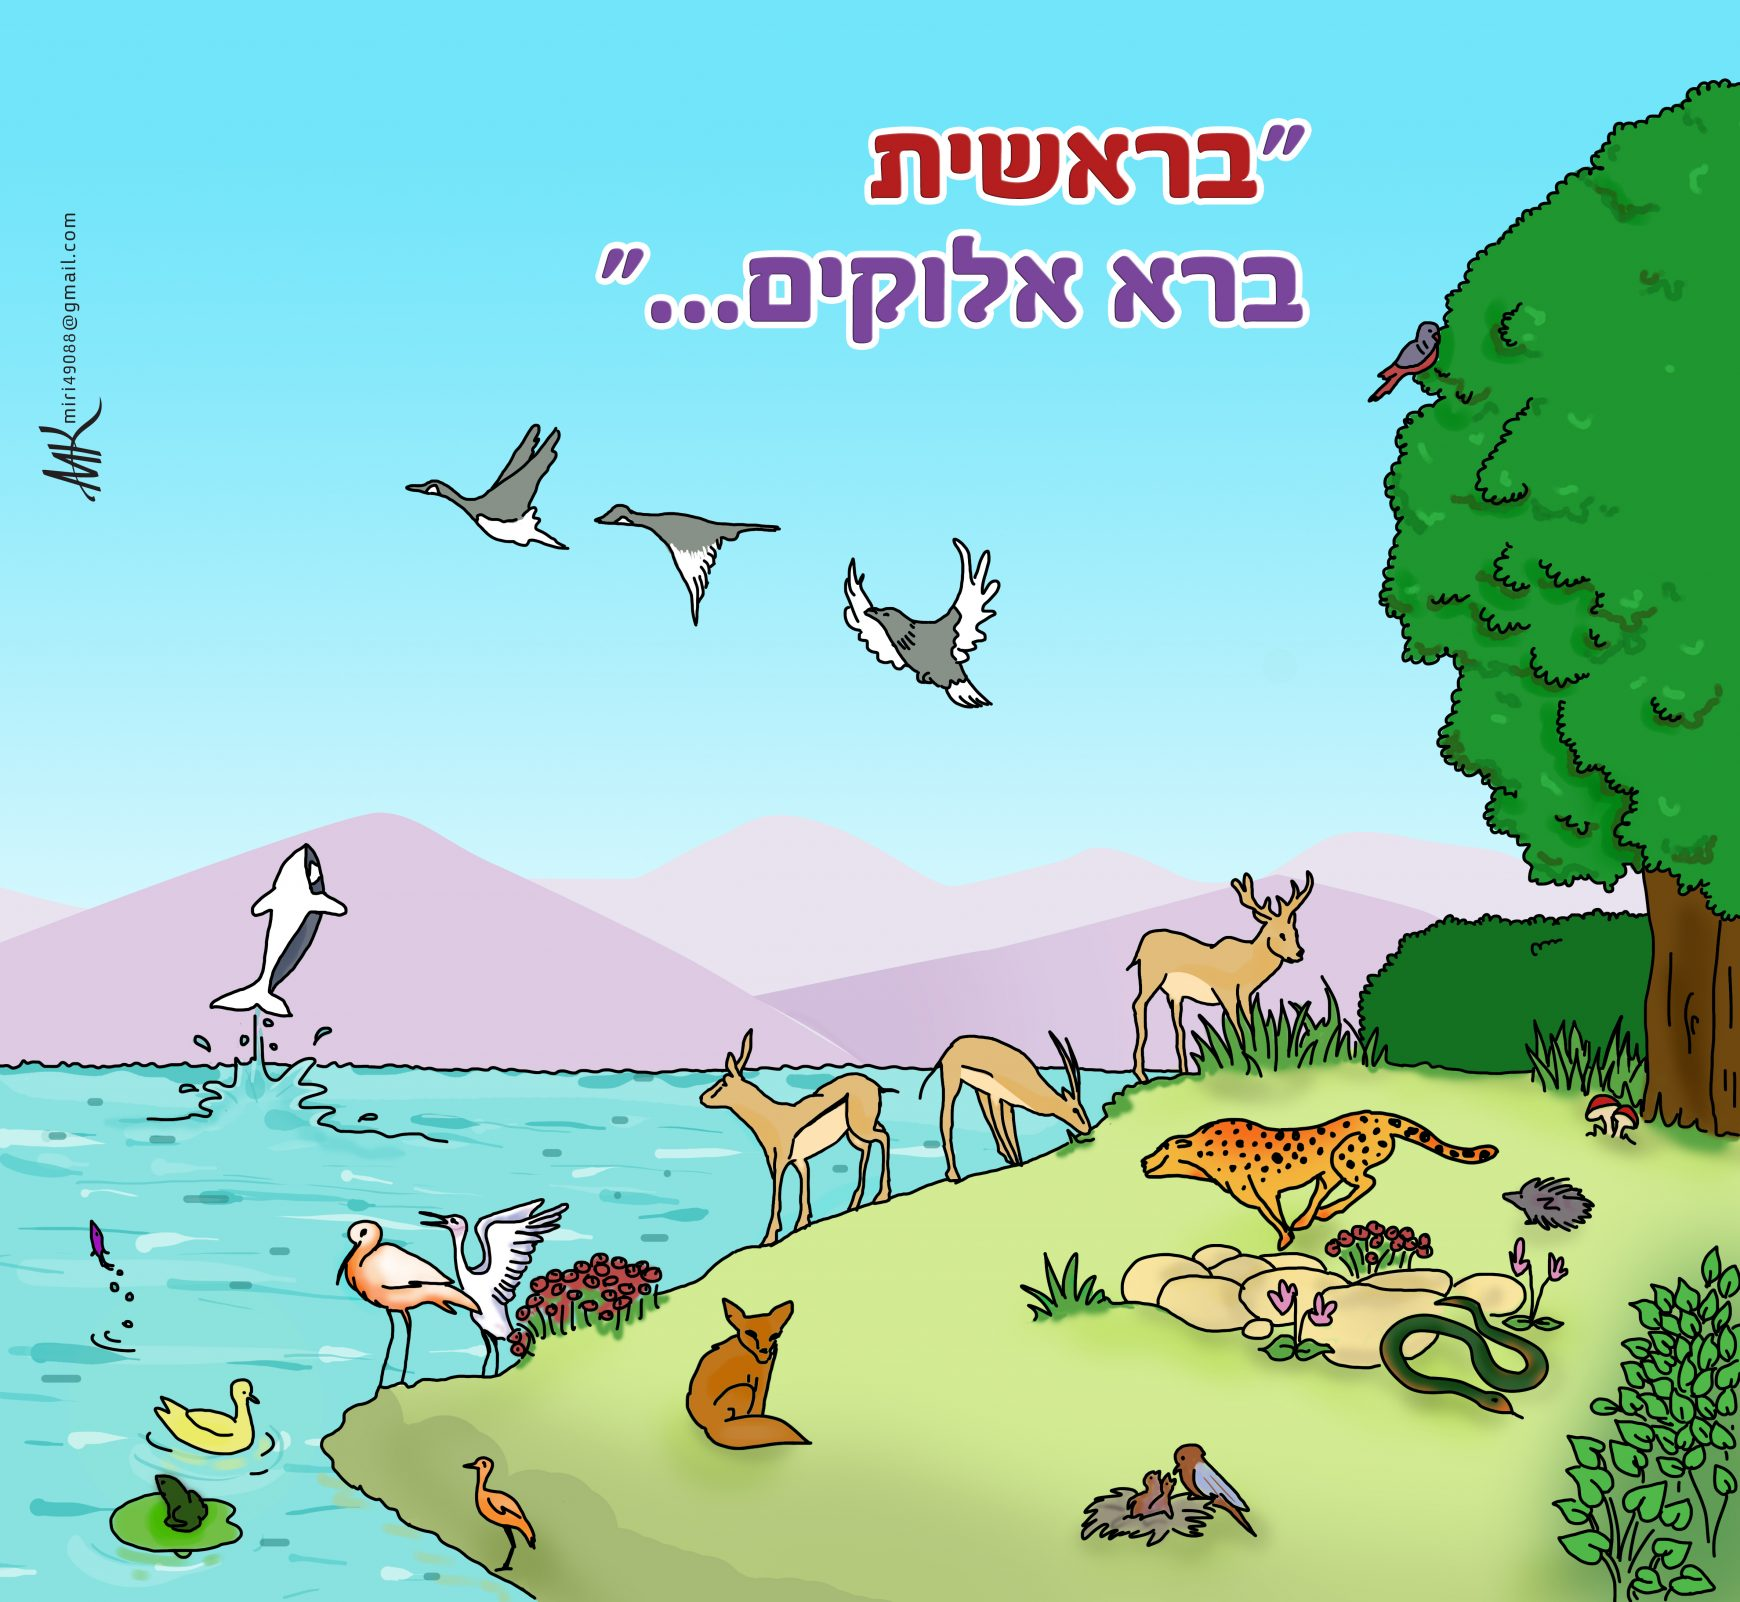 פרשת השבוע,בראשית,חיות,ציפורים,דגים,ים